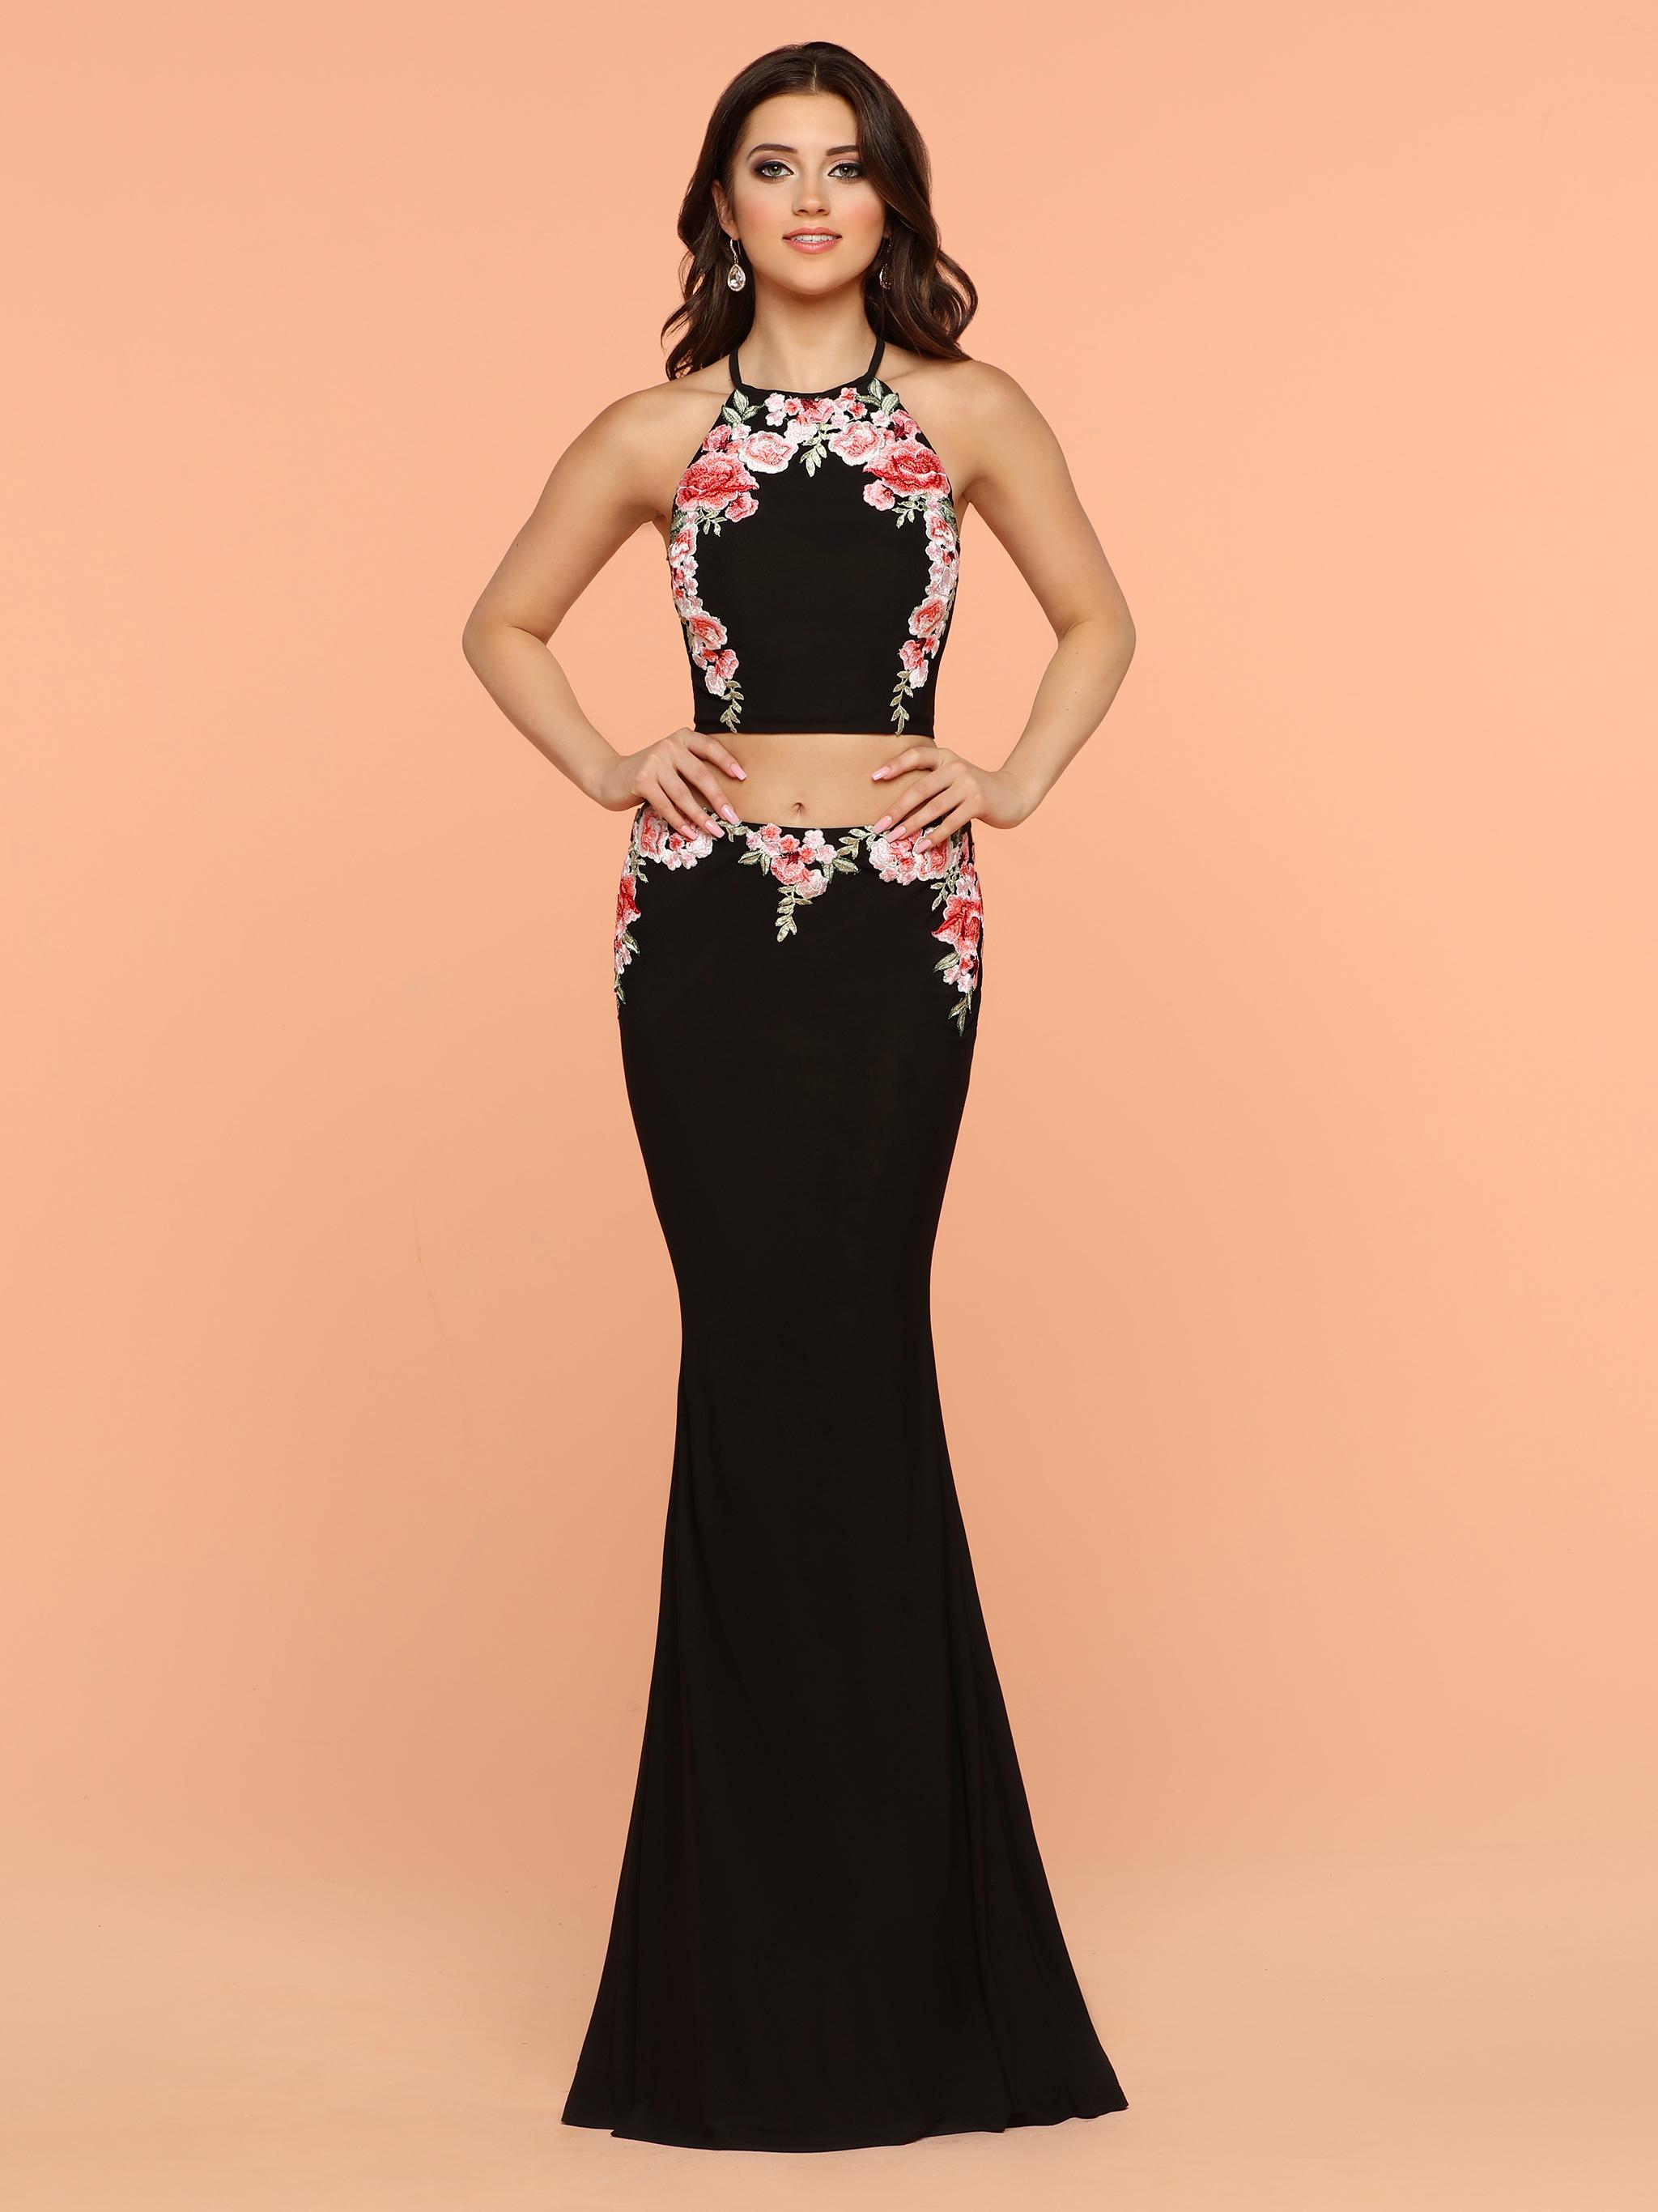 Unique Pageant Dresses for 2018 - Sparkle Prom Fashion Blog